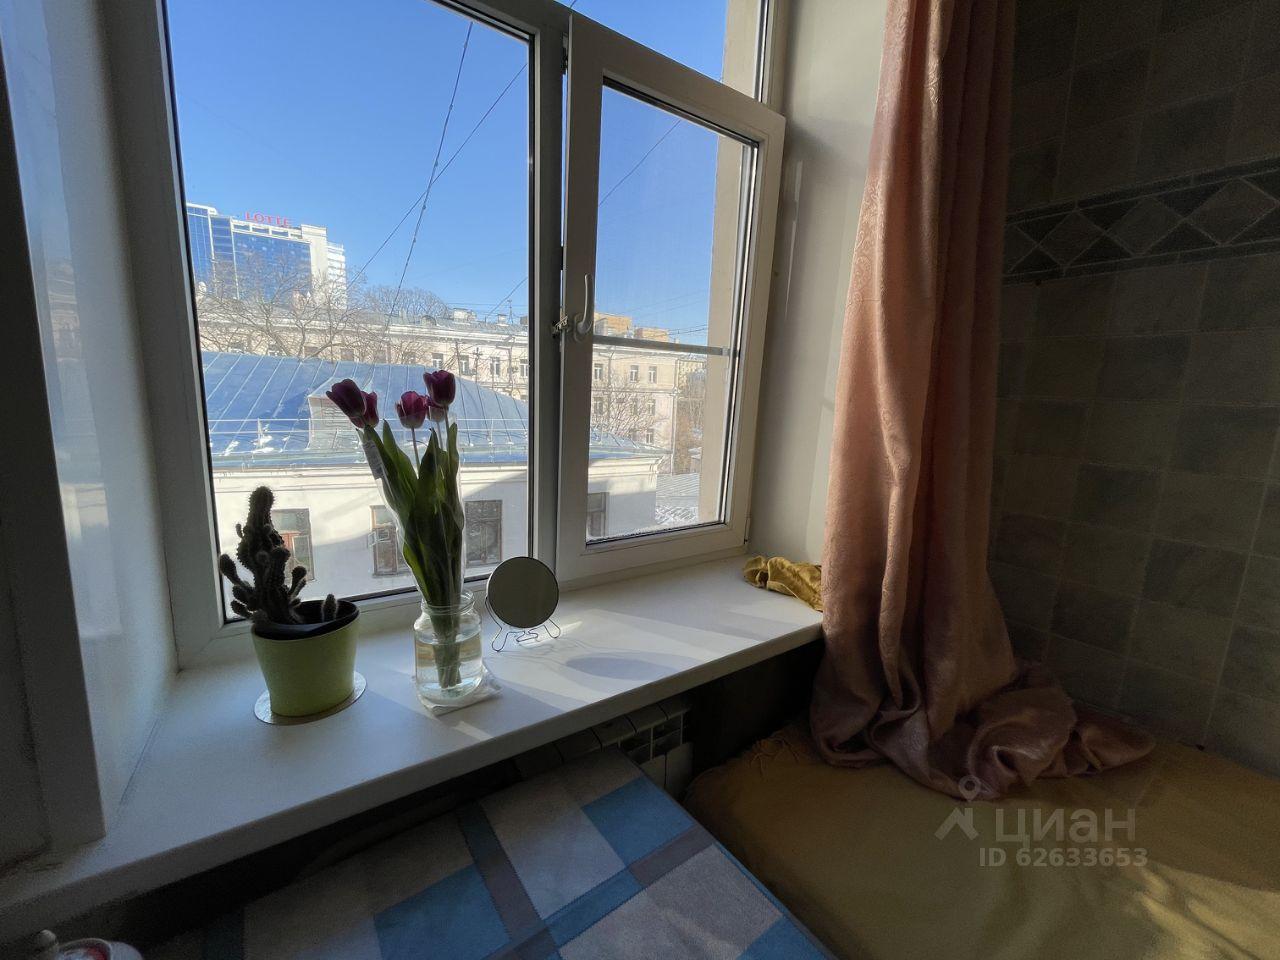 Аренда двухкомнатной квартиры 56м² Панфиловский пер., 5, Москва, ЦАО, р-н Арбат м. Смоленская - база ЦИАН, объявление 252608401